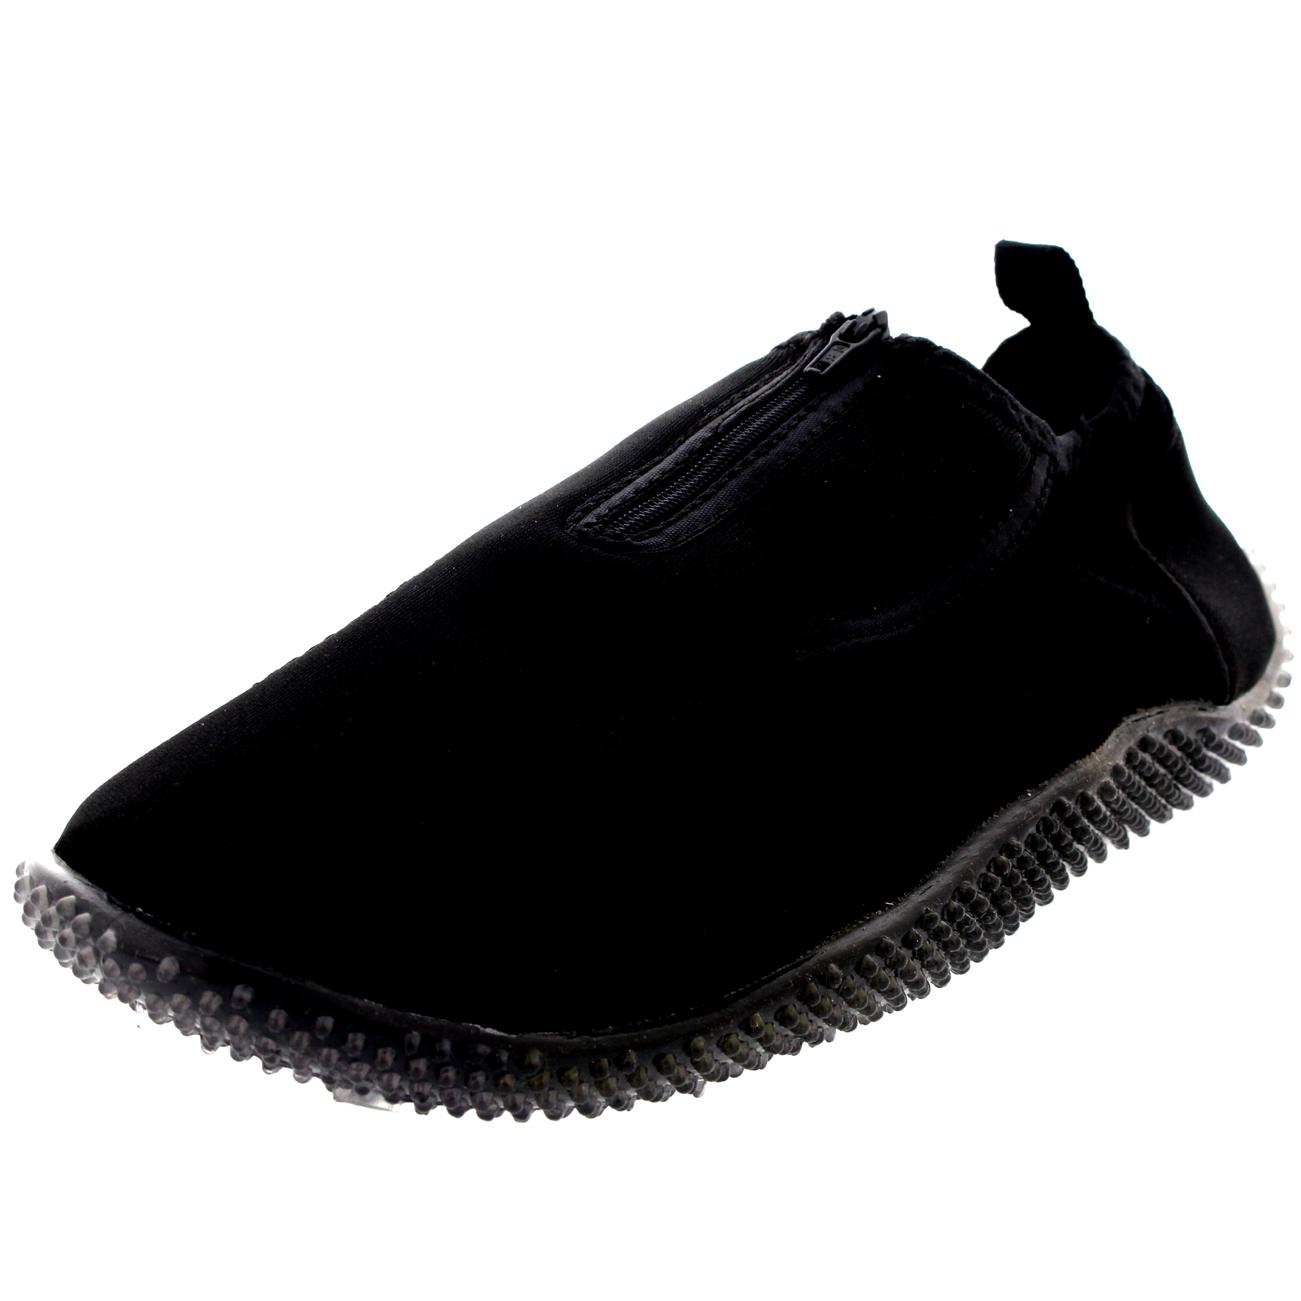 Para Hombre Agua calcetines piscina ejercicio Natación Playa Skin Wet Scuba cremallera Zapatos Todos Los Tamaños